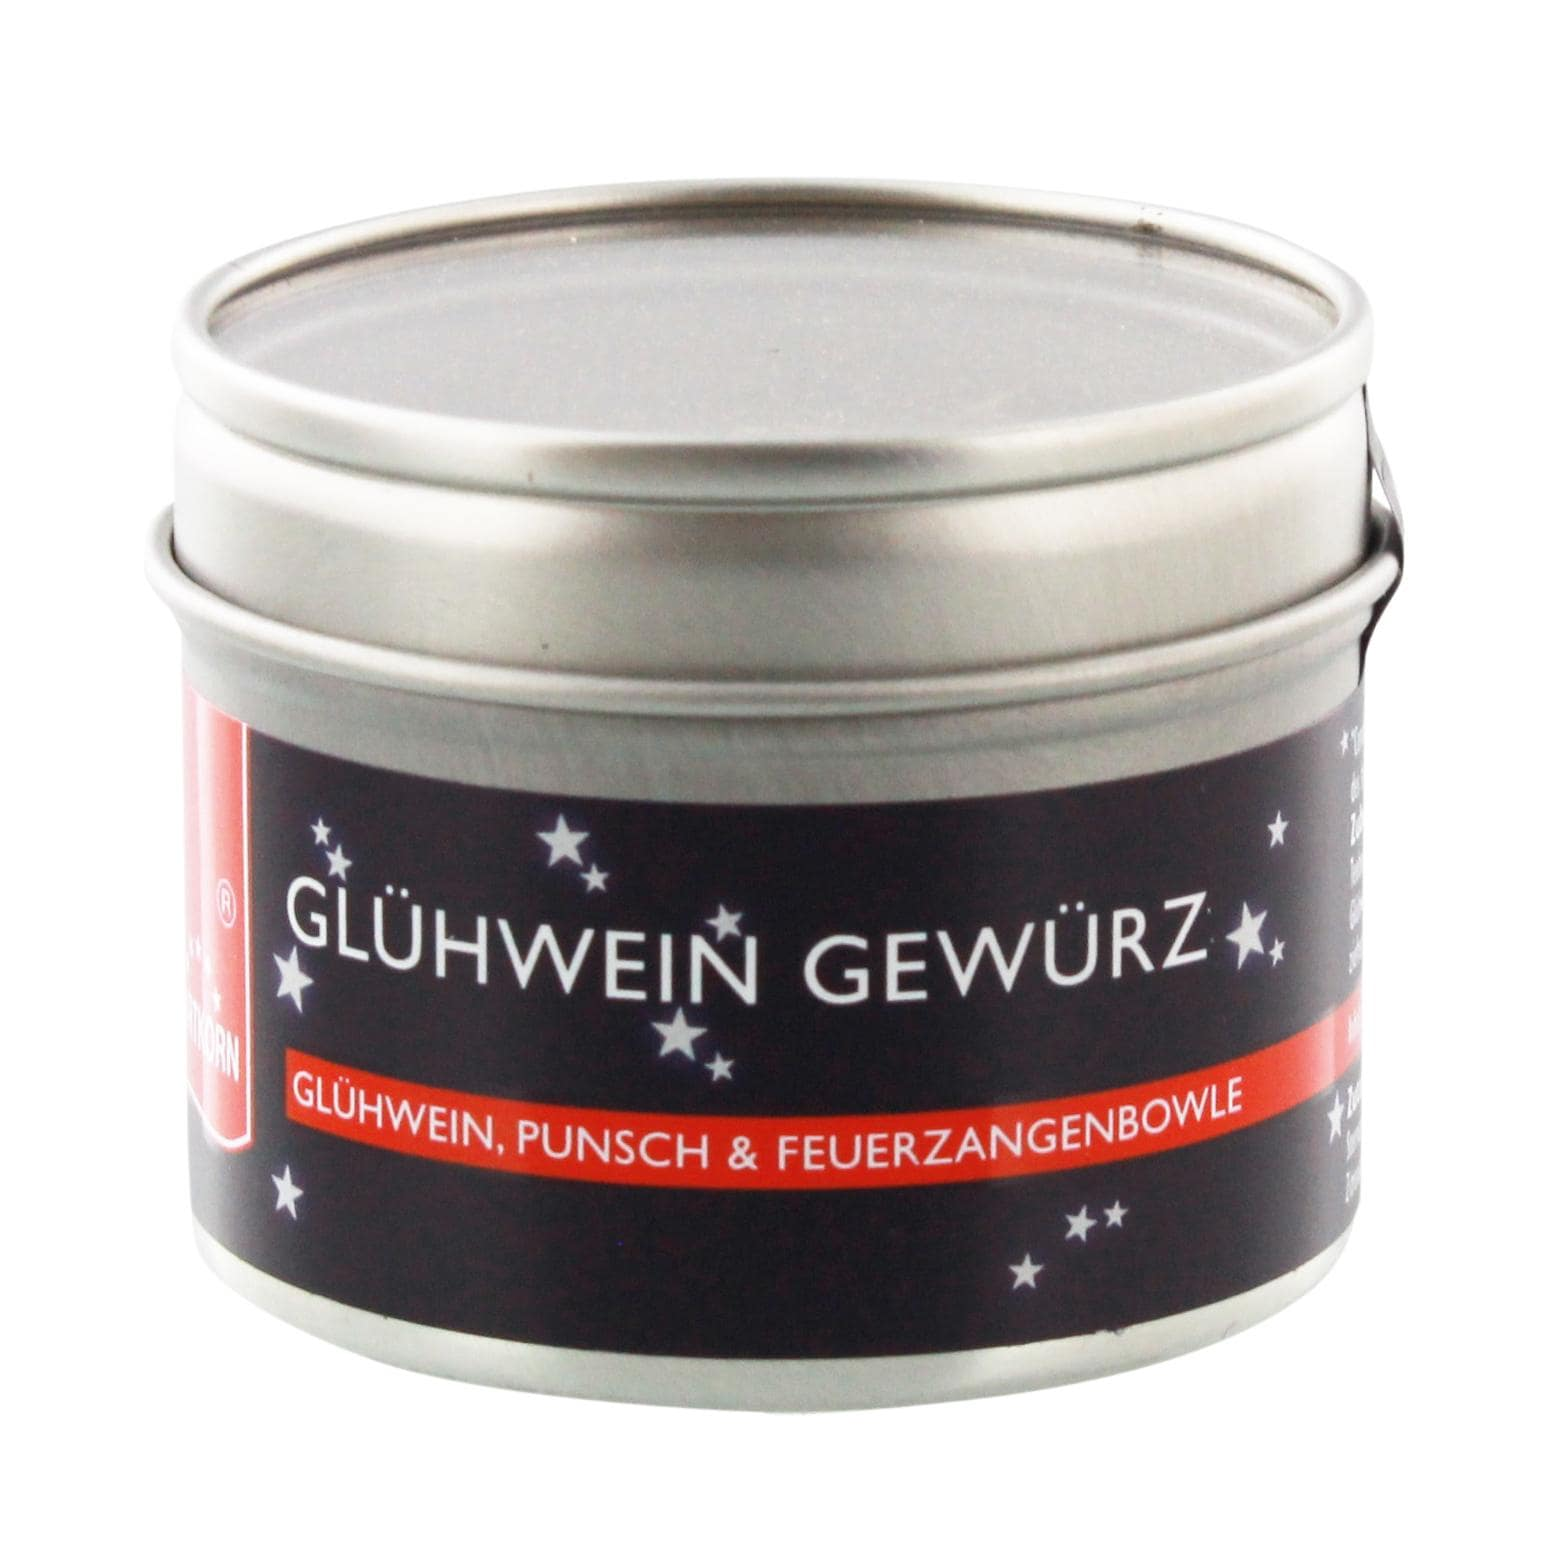 Hartkorn - Glühwein Gewürz - 24g